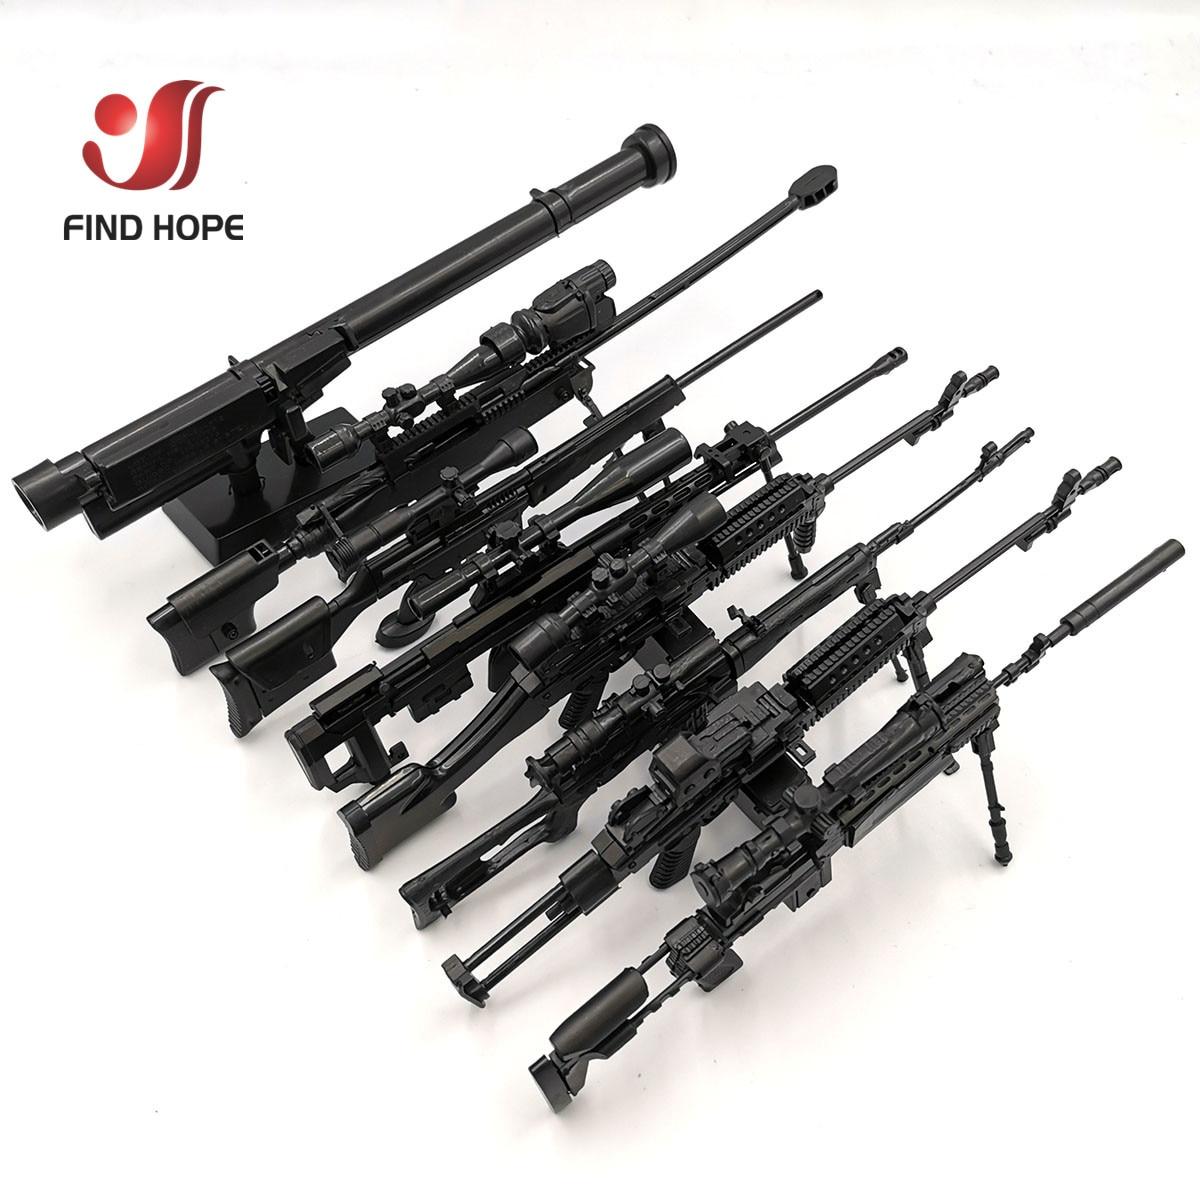 8 шт./компл. 1/6 SVD TAC-50 Mk46 MK14 PSG-1 FIM-43 DSR снайперская винтовка оружие собрать Игрушечная модель пистолета для фигурку